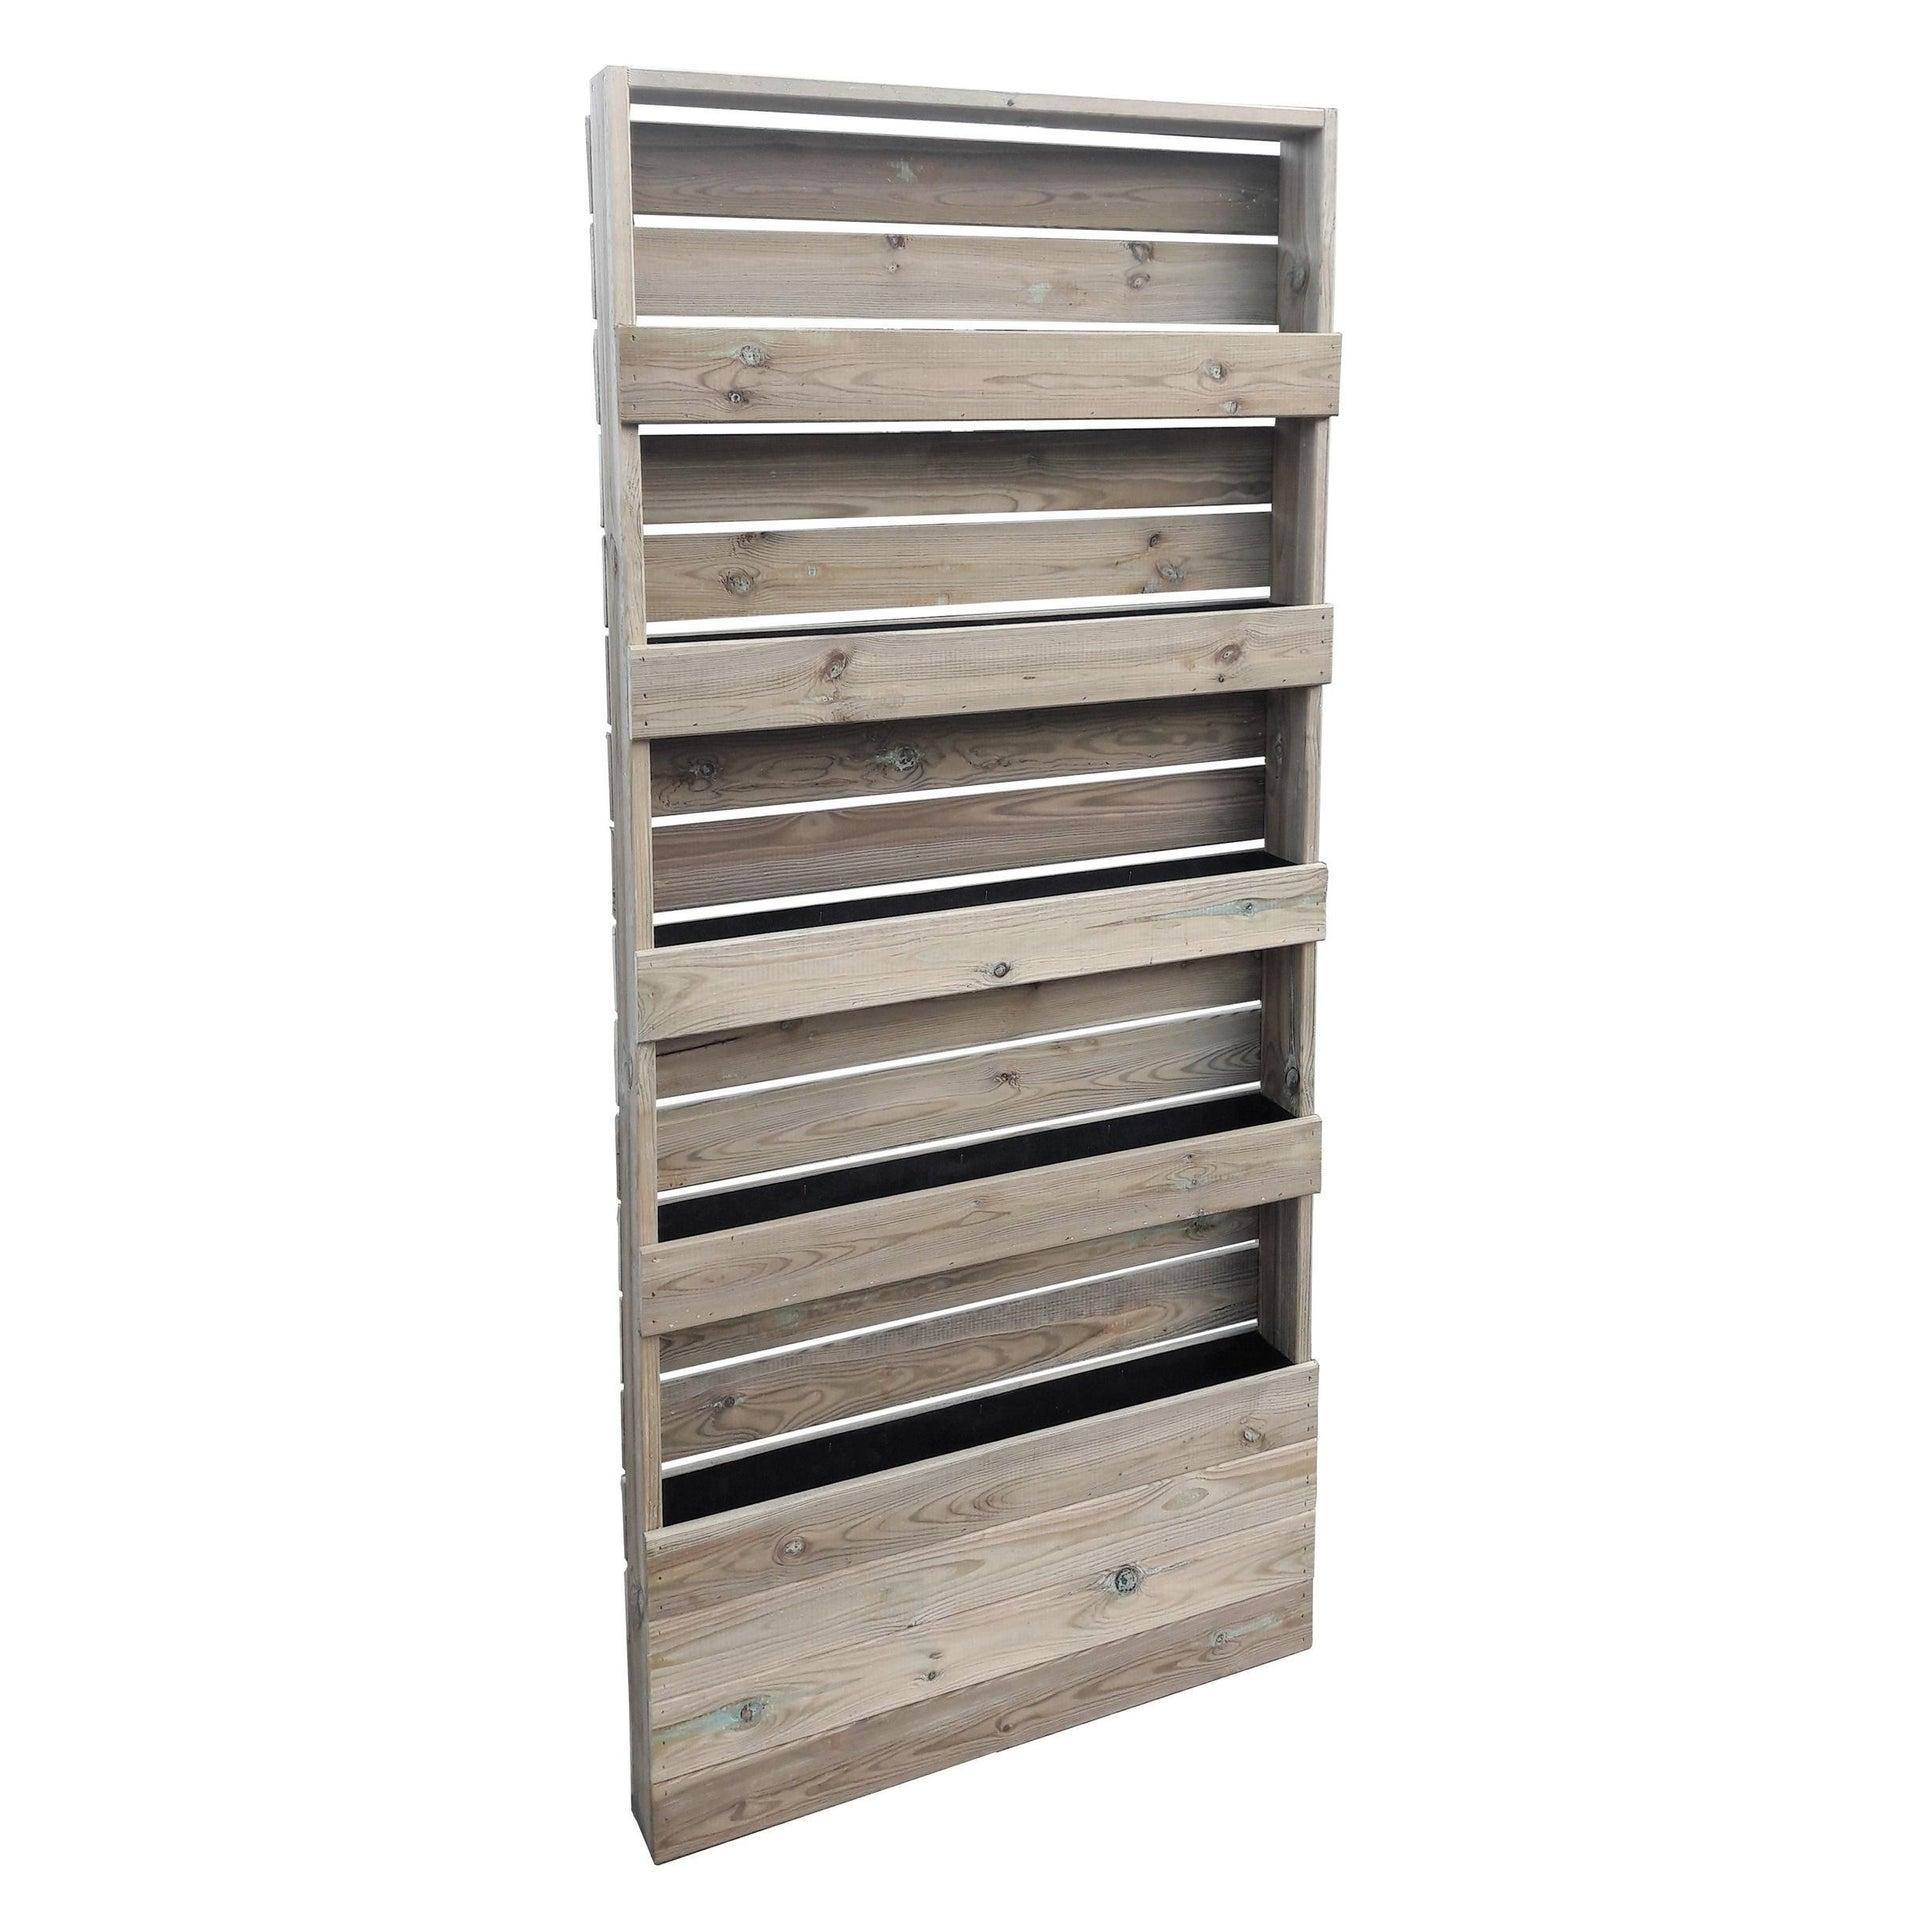 Fioriera per orto alta in legno 09-65.5 verde L 12 x P 45 x H 180 cm - 1